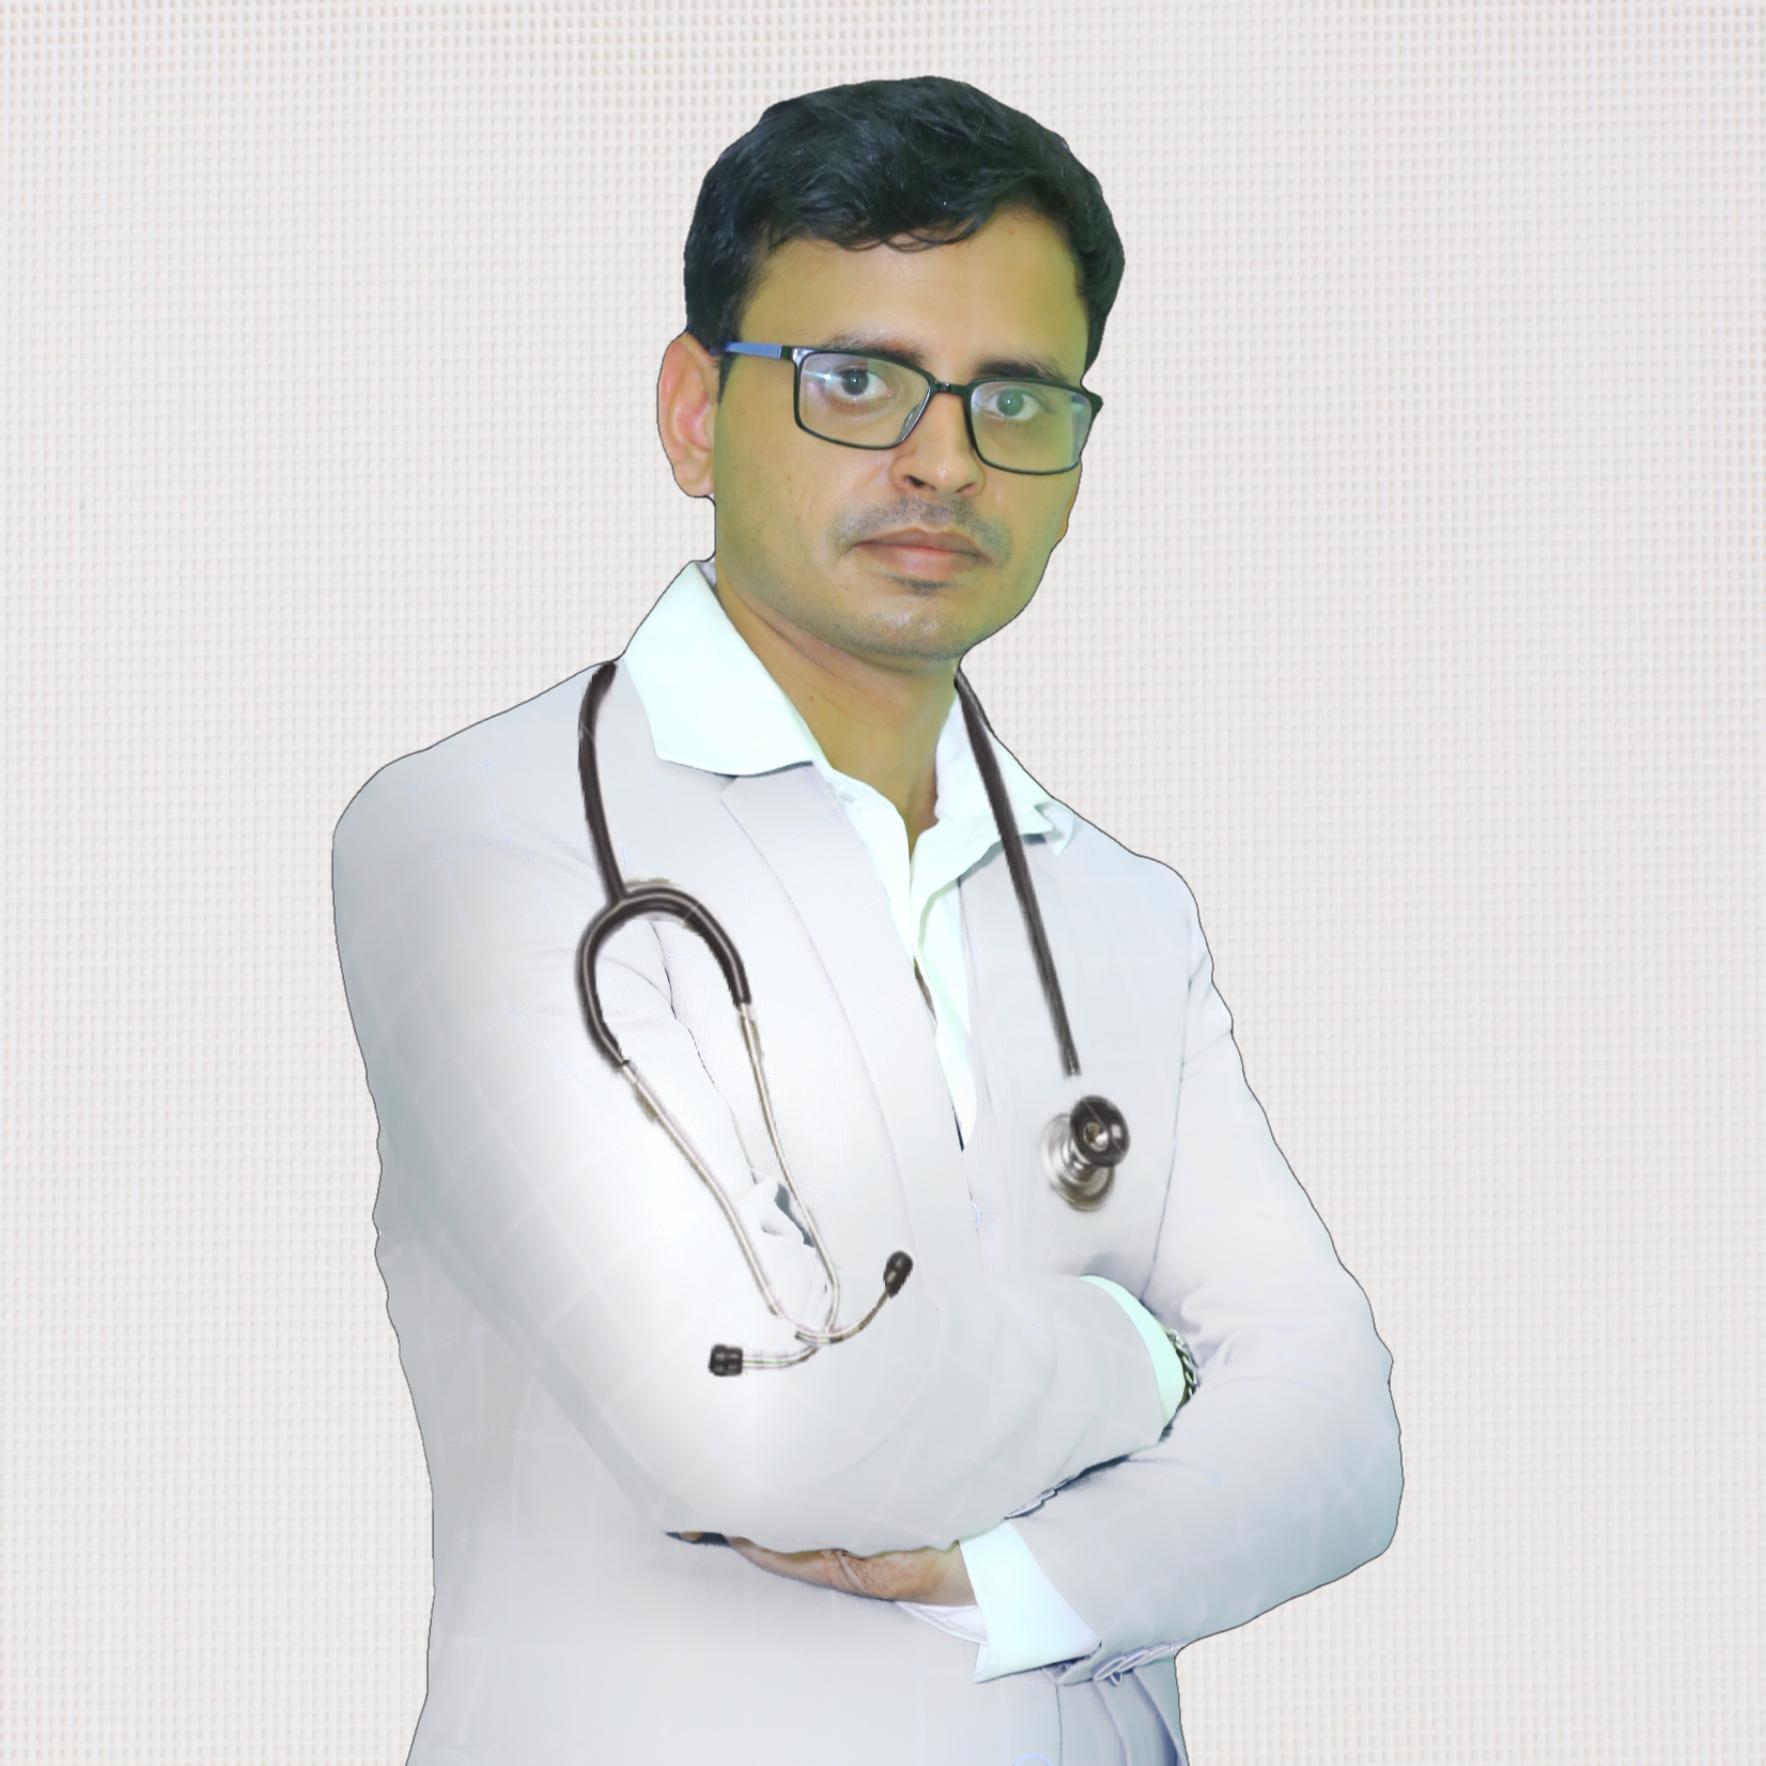 Dr. Deepak Dhankhar